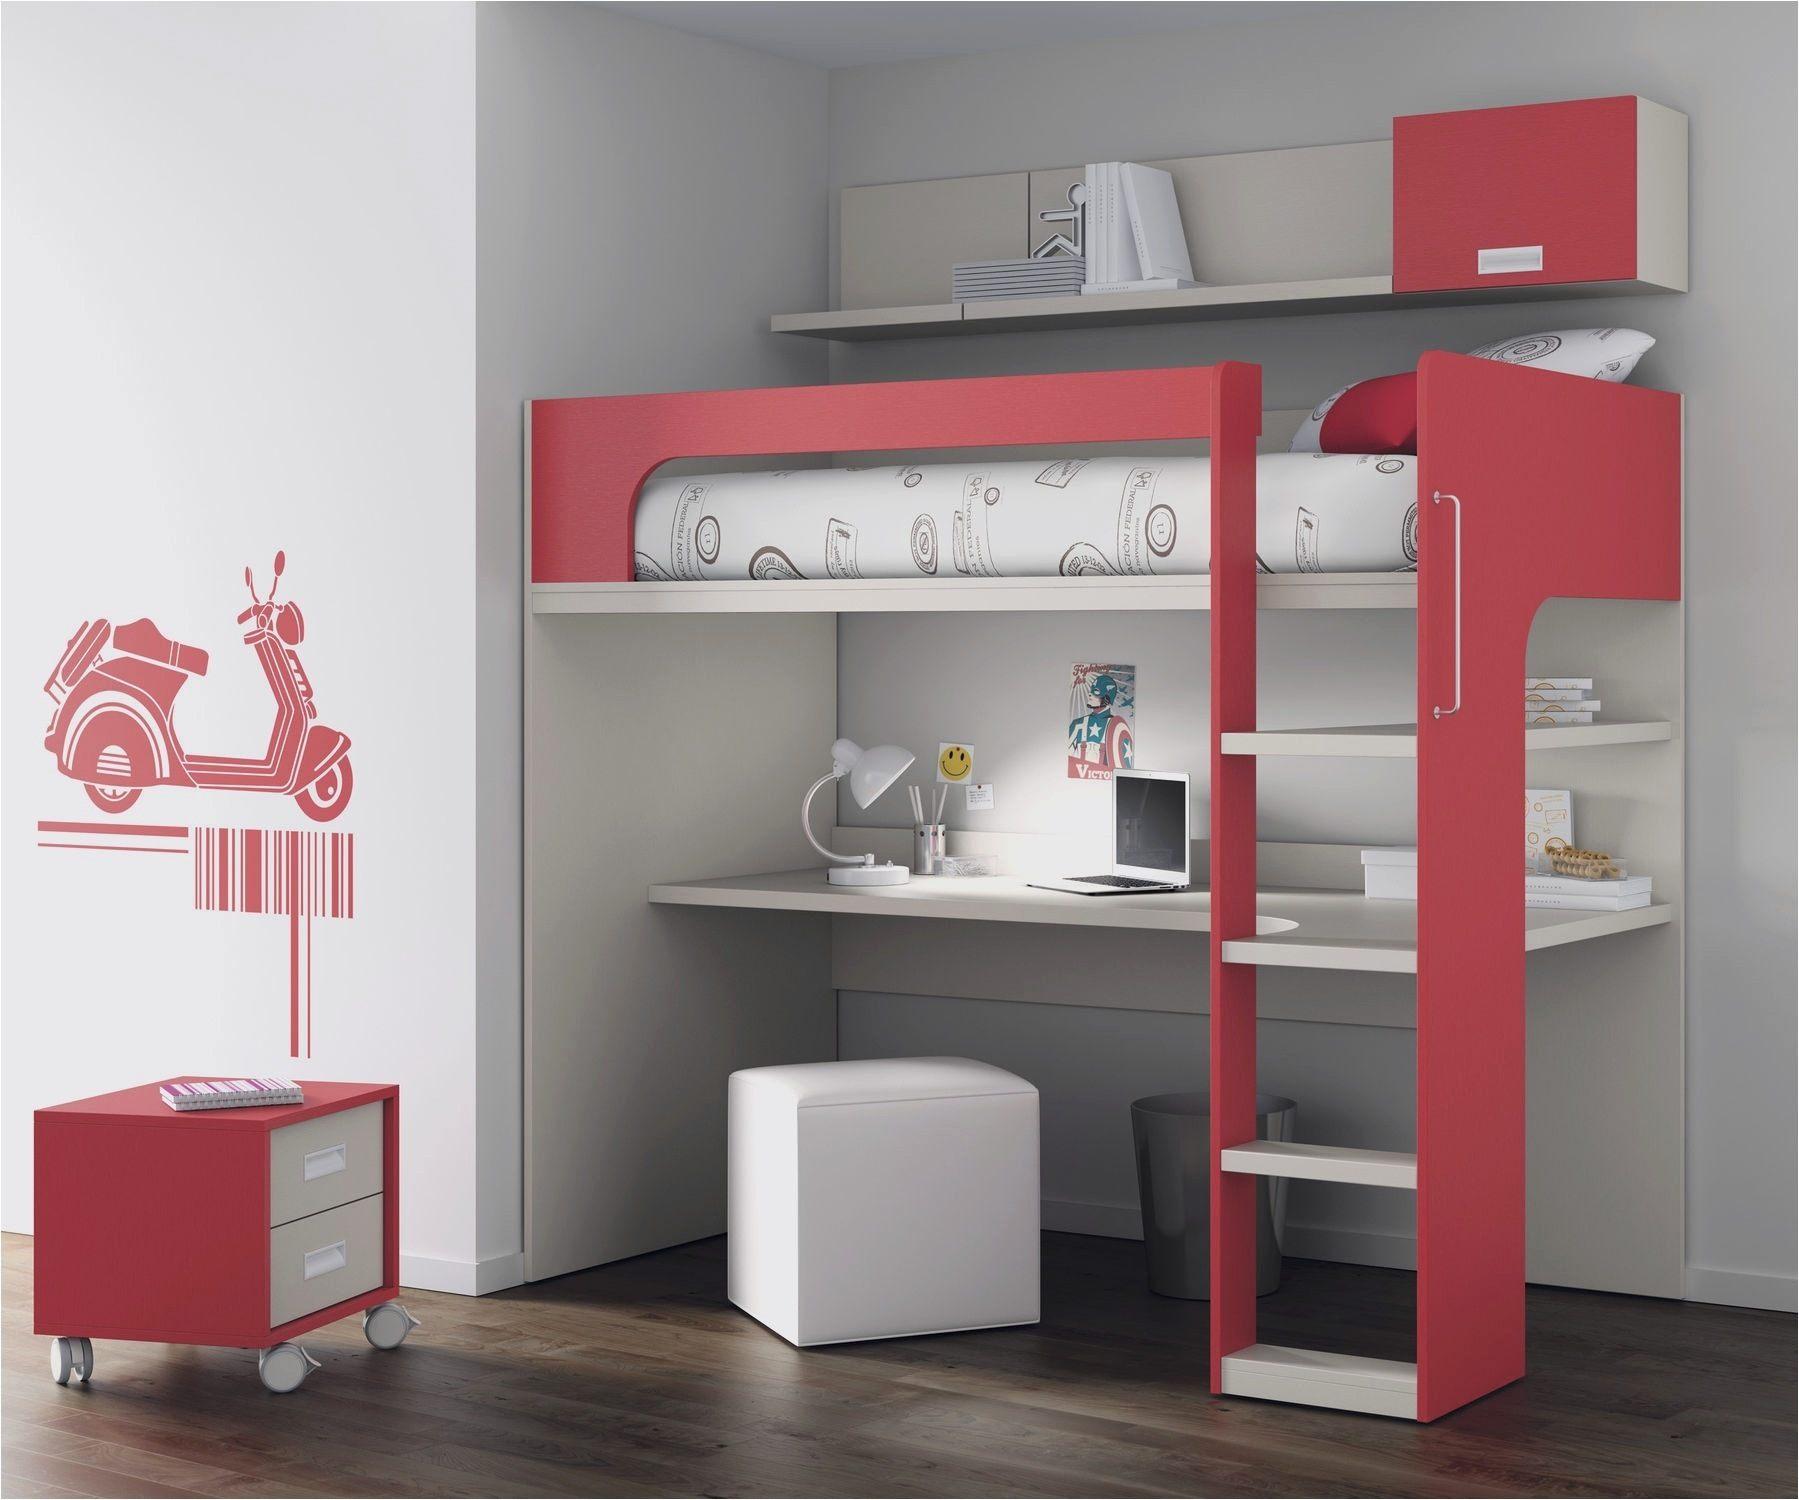 Lit Design Enfant Génial Chambre Enfant Pas Cher Chambre Enfant Gautier Frais Lit Gigogne